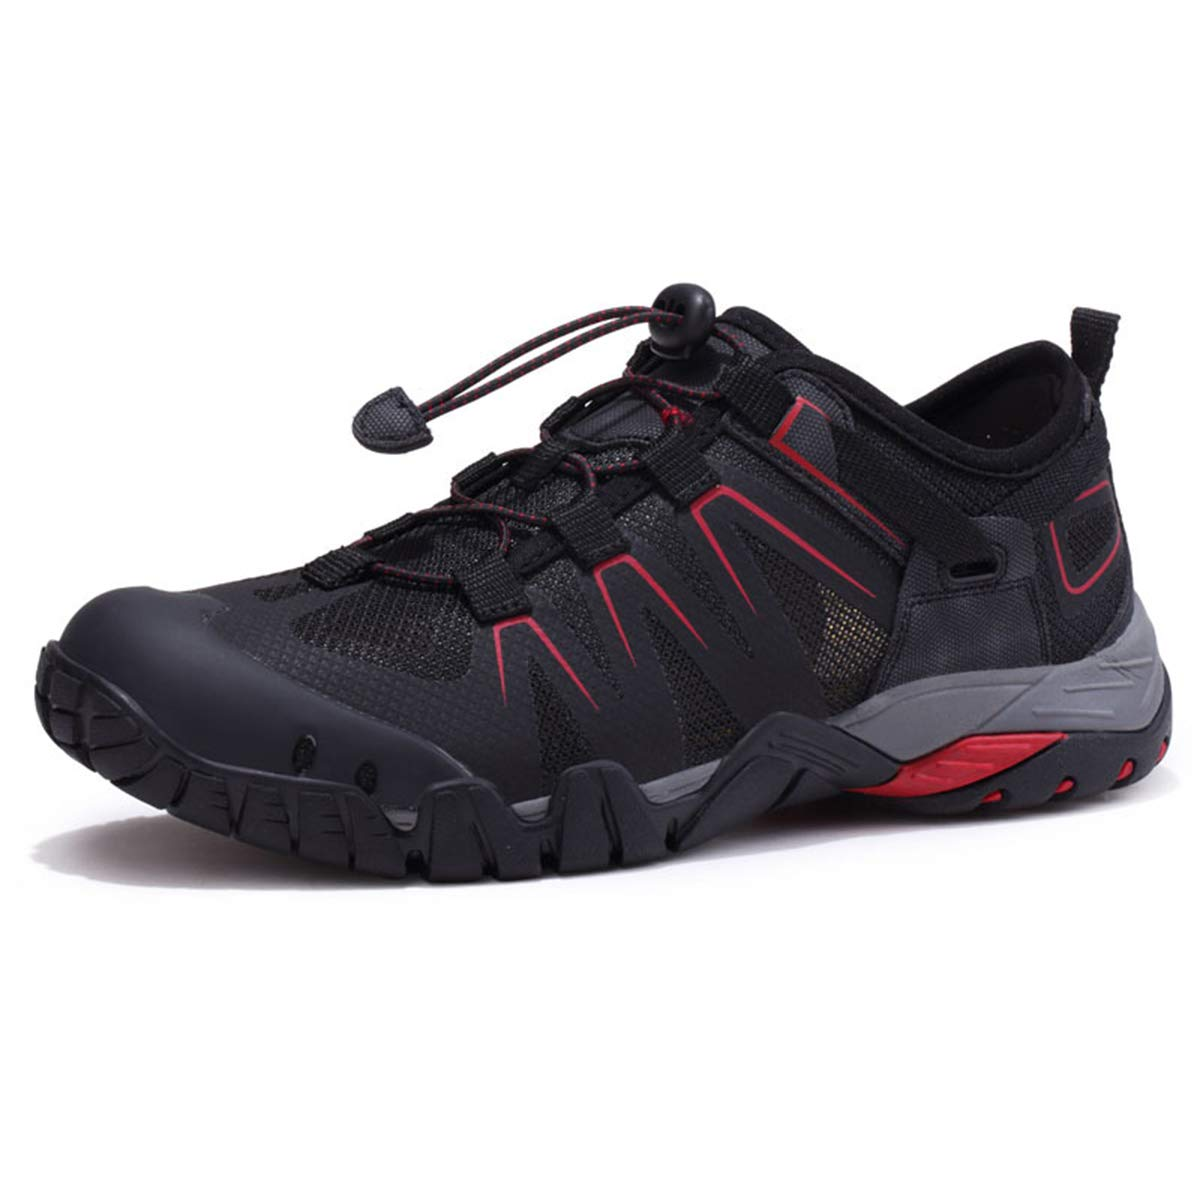 noir 42 EU GTYW Chaussures de randonnée pour Hommes, de Plein air, Mailles à séchage Rapide, Chaussures de Marche